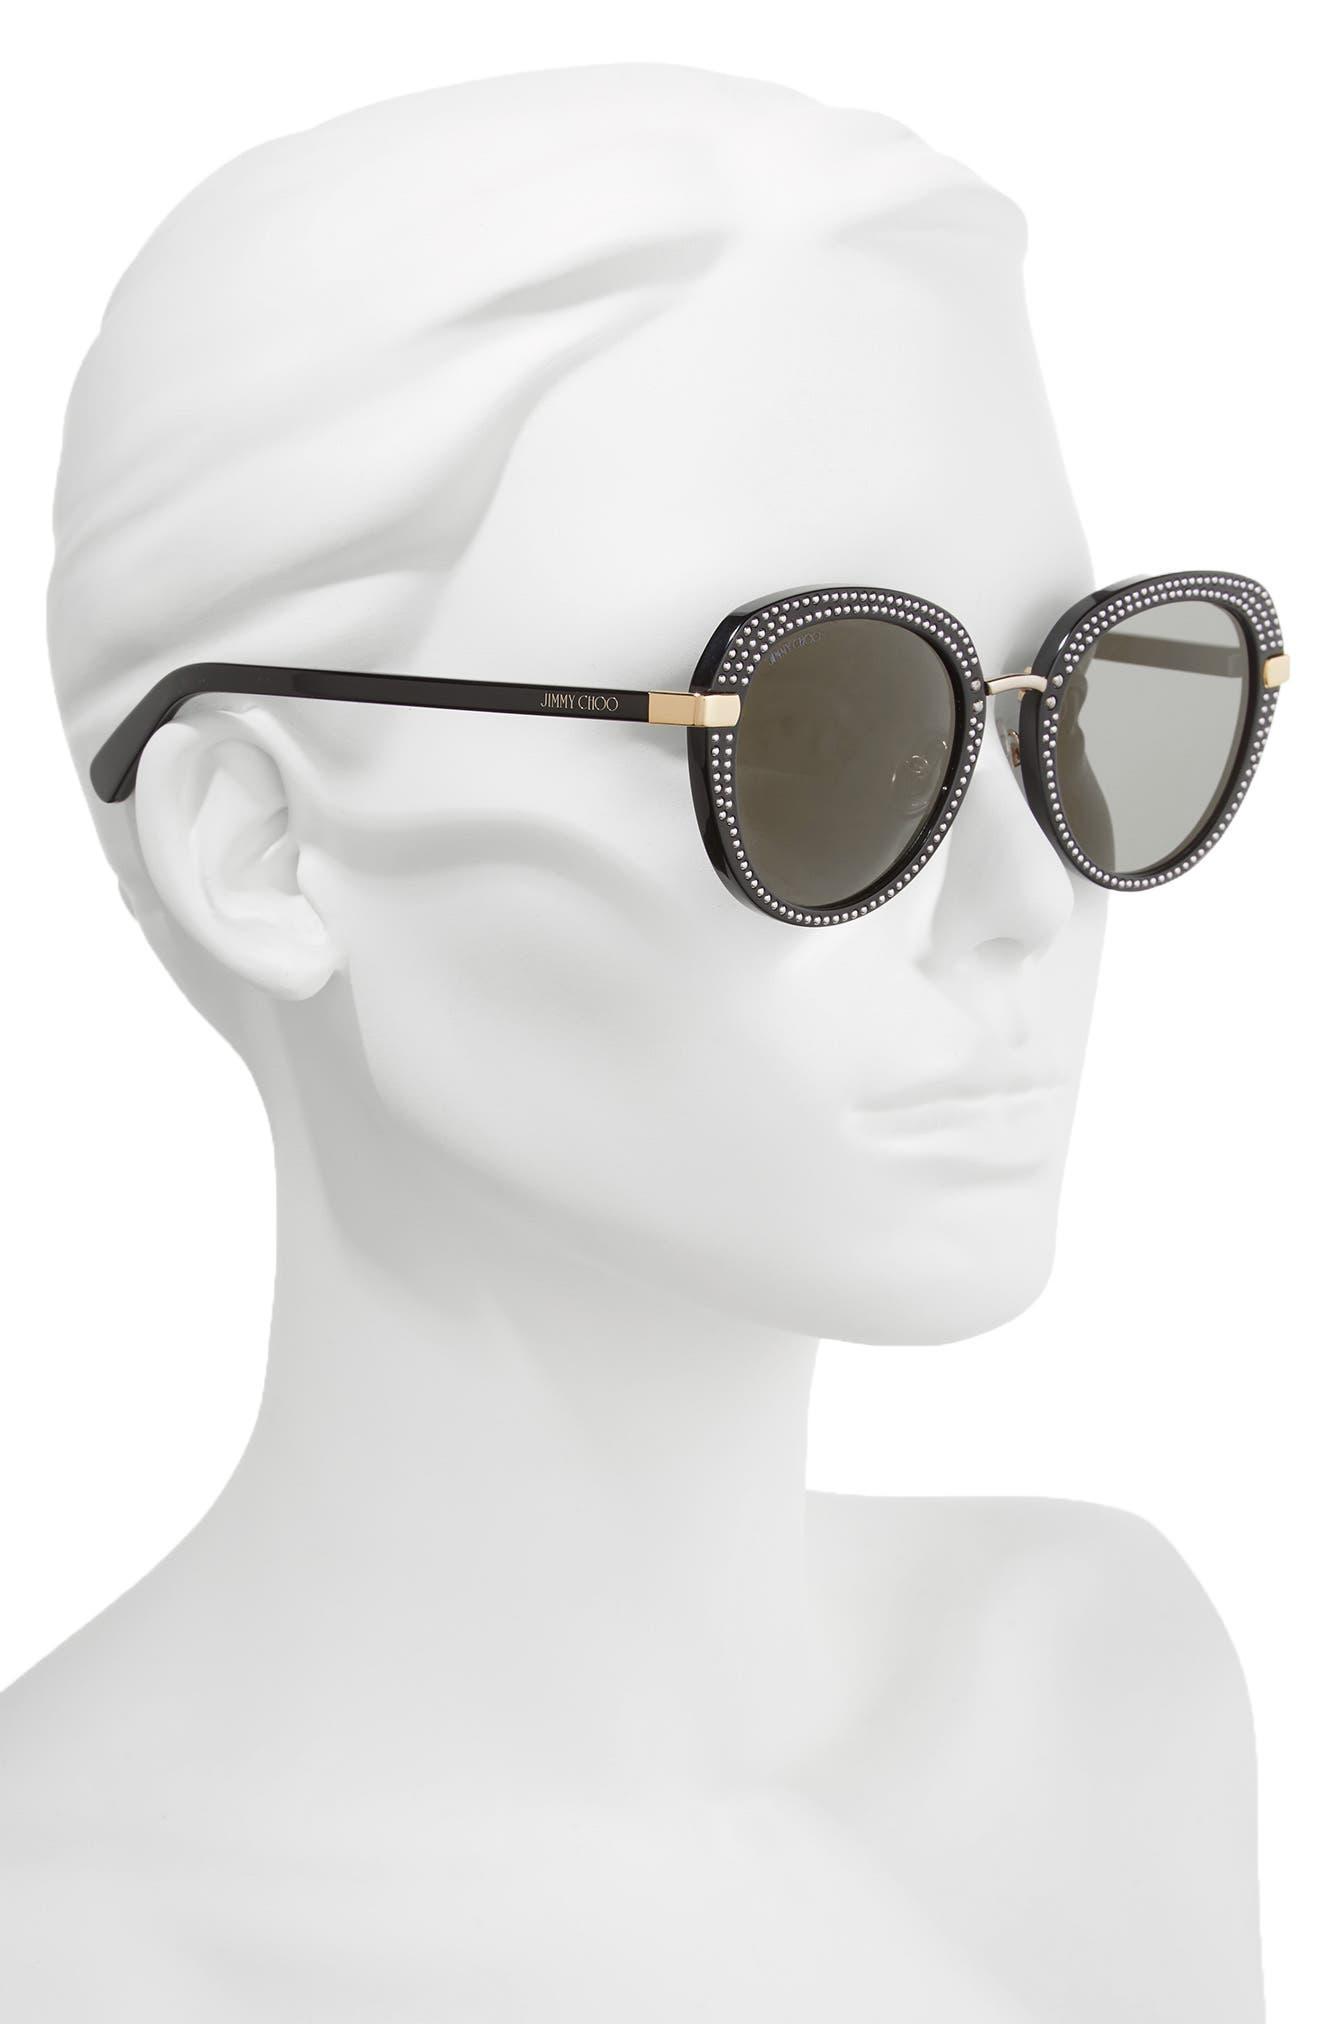 6fd20c84d08 Jimmy Choo Women s Sunglasses